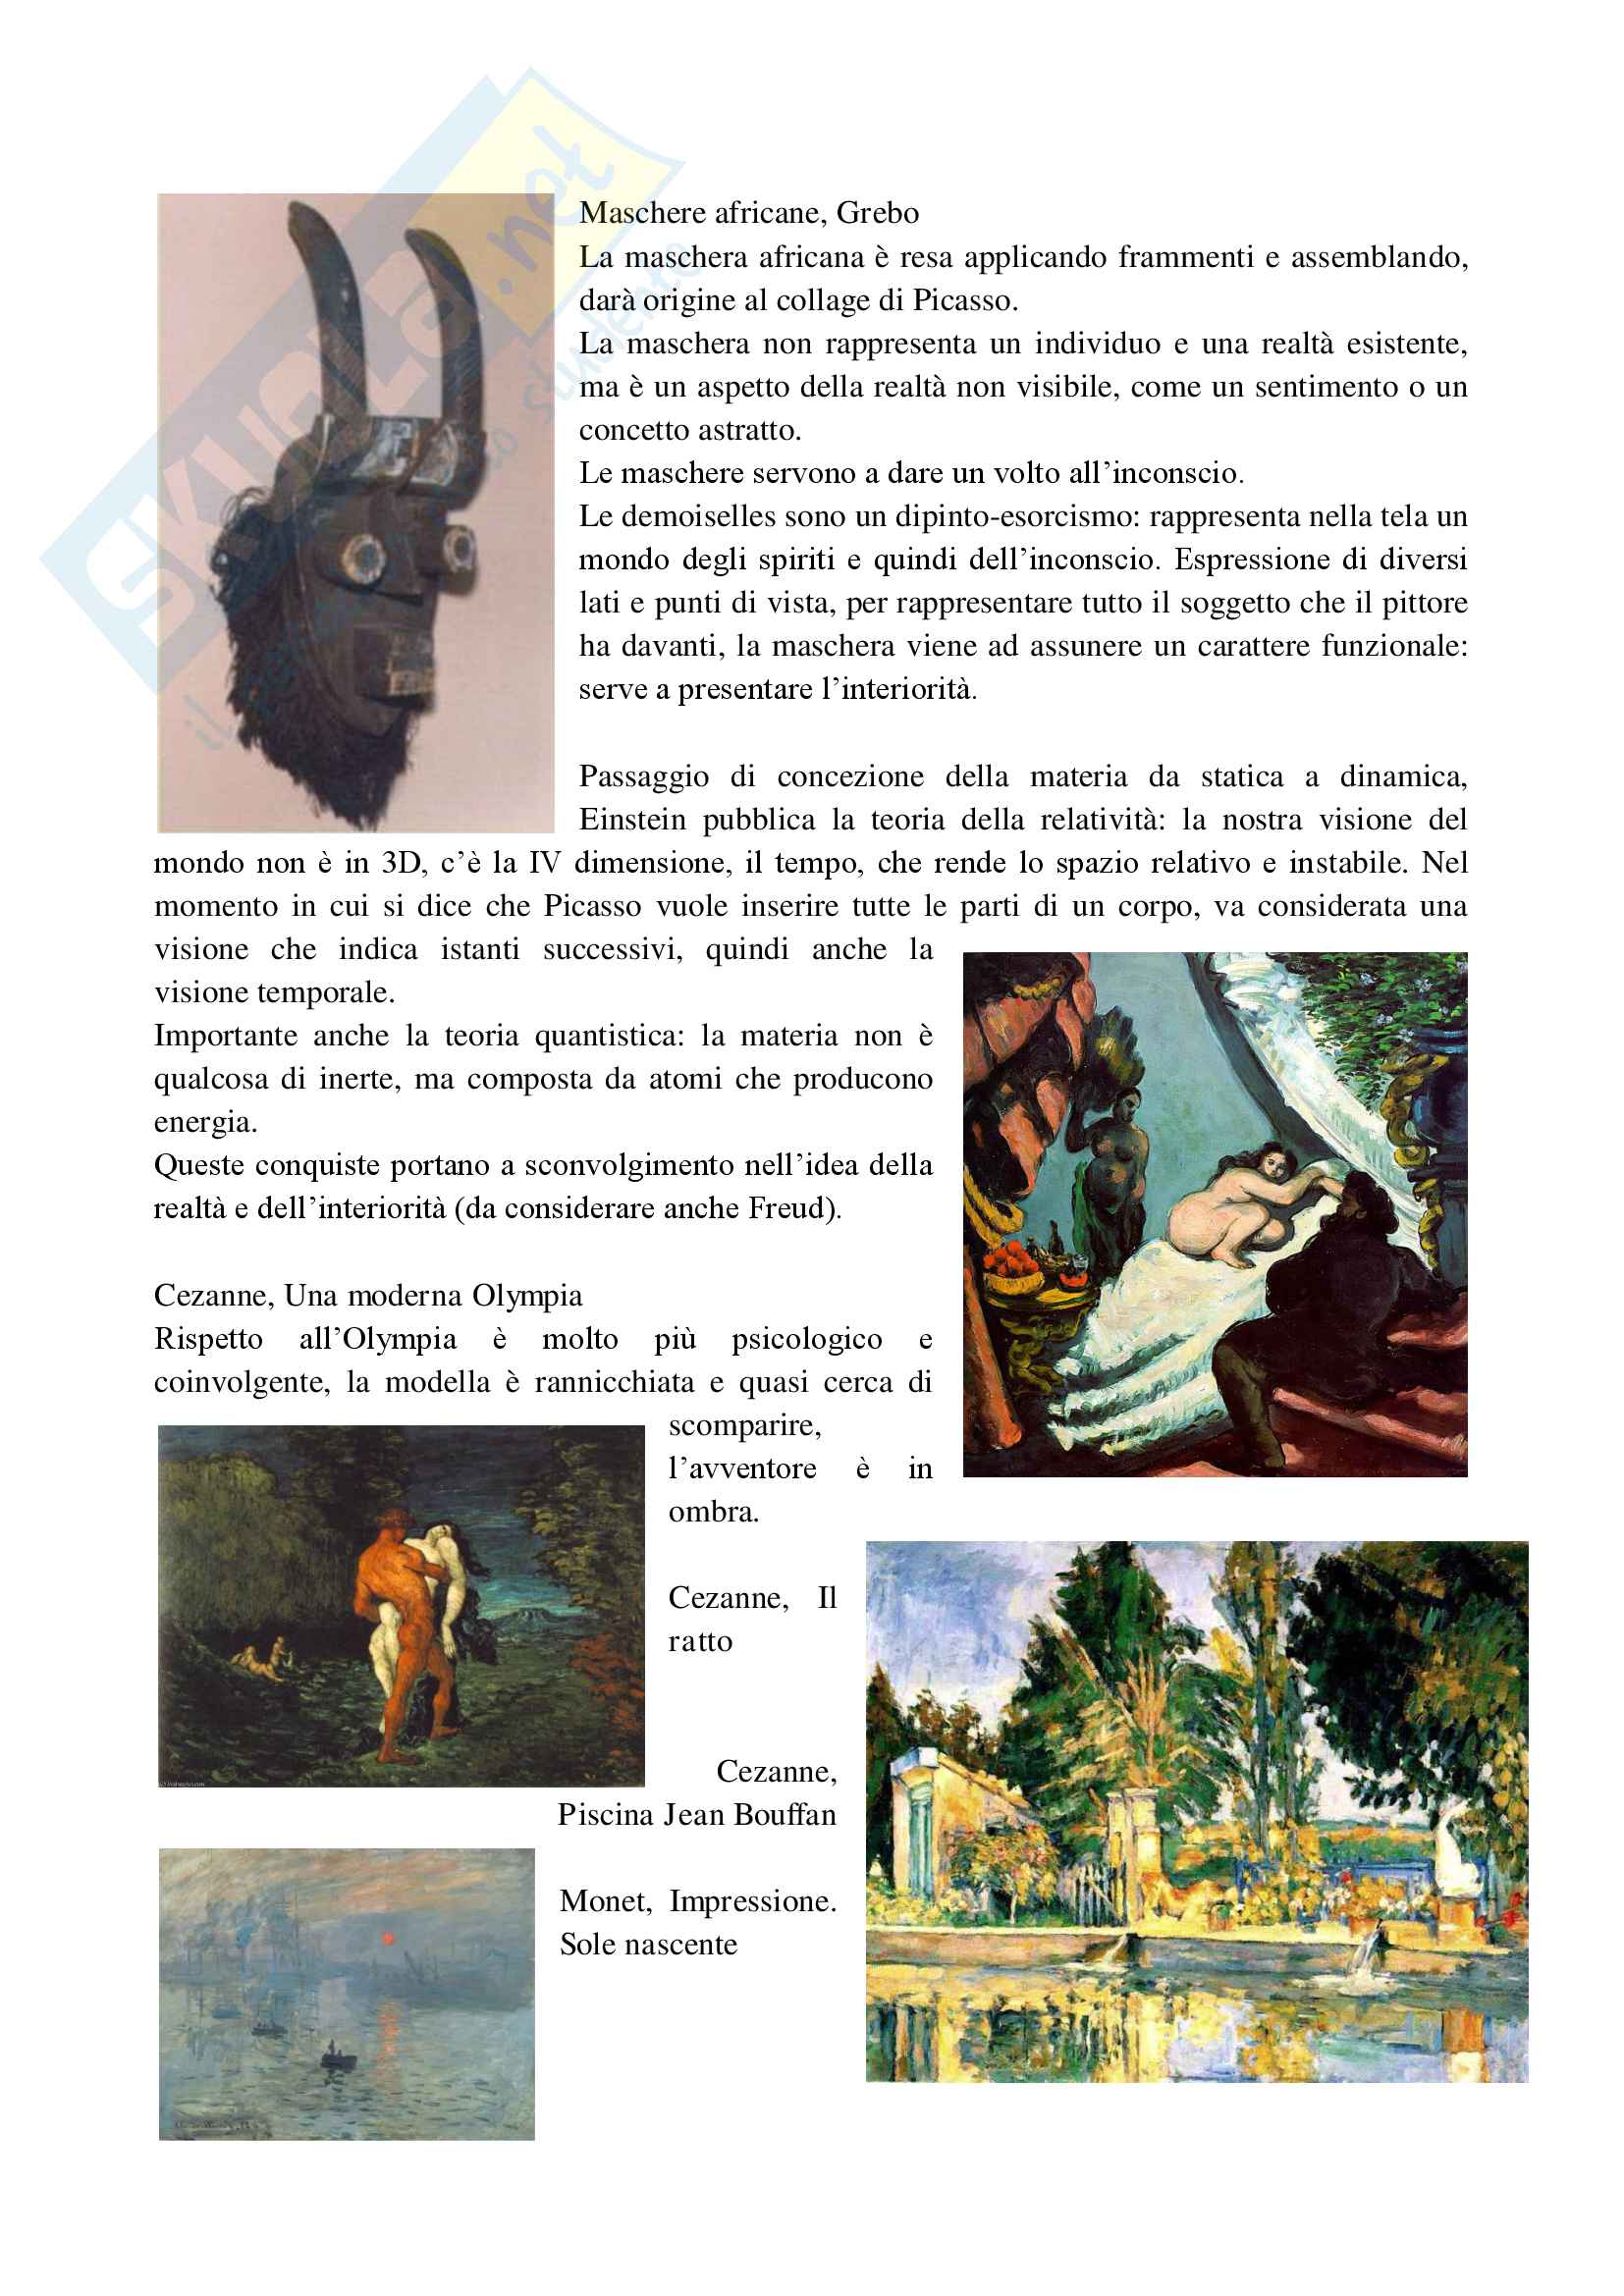 Appunti Arte contemporanea (con immagini) - Di Raddo Pag. 31